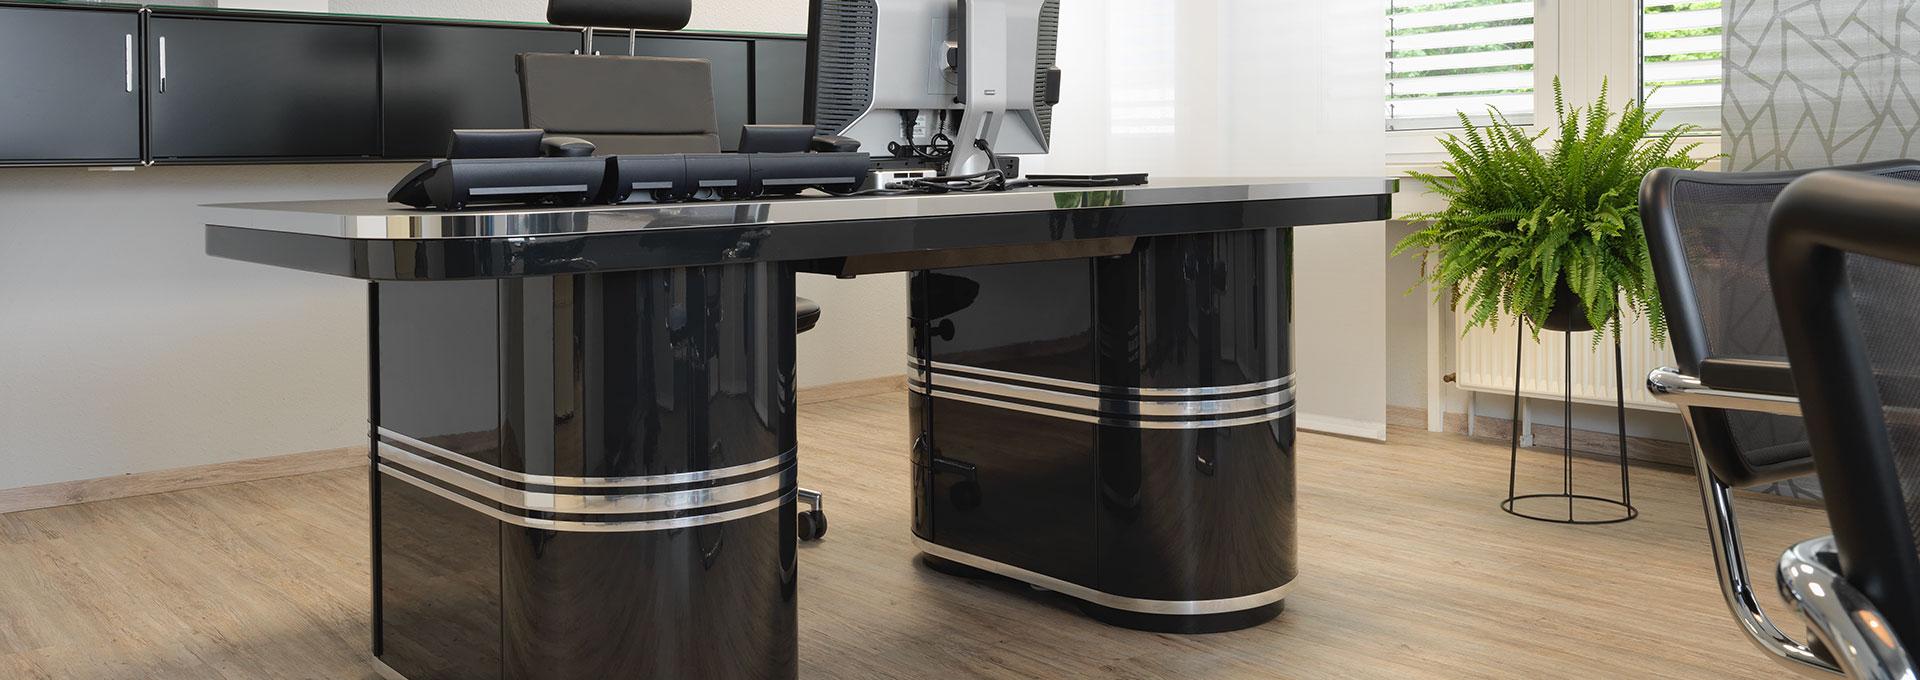 Schreibtisch-Arbeitstisch-Chefarbeitsplatz-Buro-Dr-Sagel-Tonnentisch-mauser-16-9DdWoP0IxL3Tu5